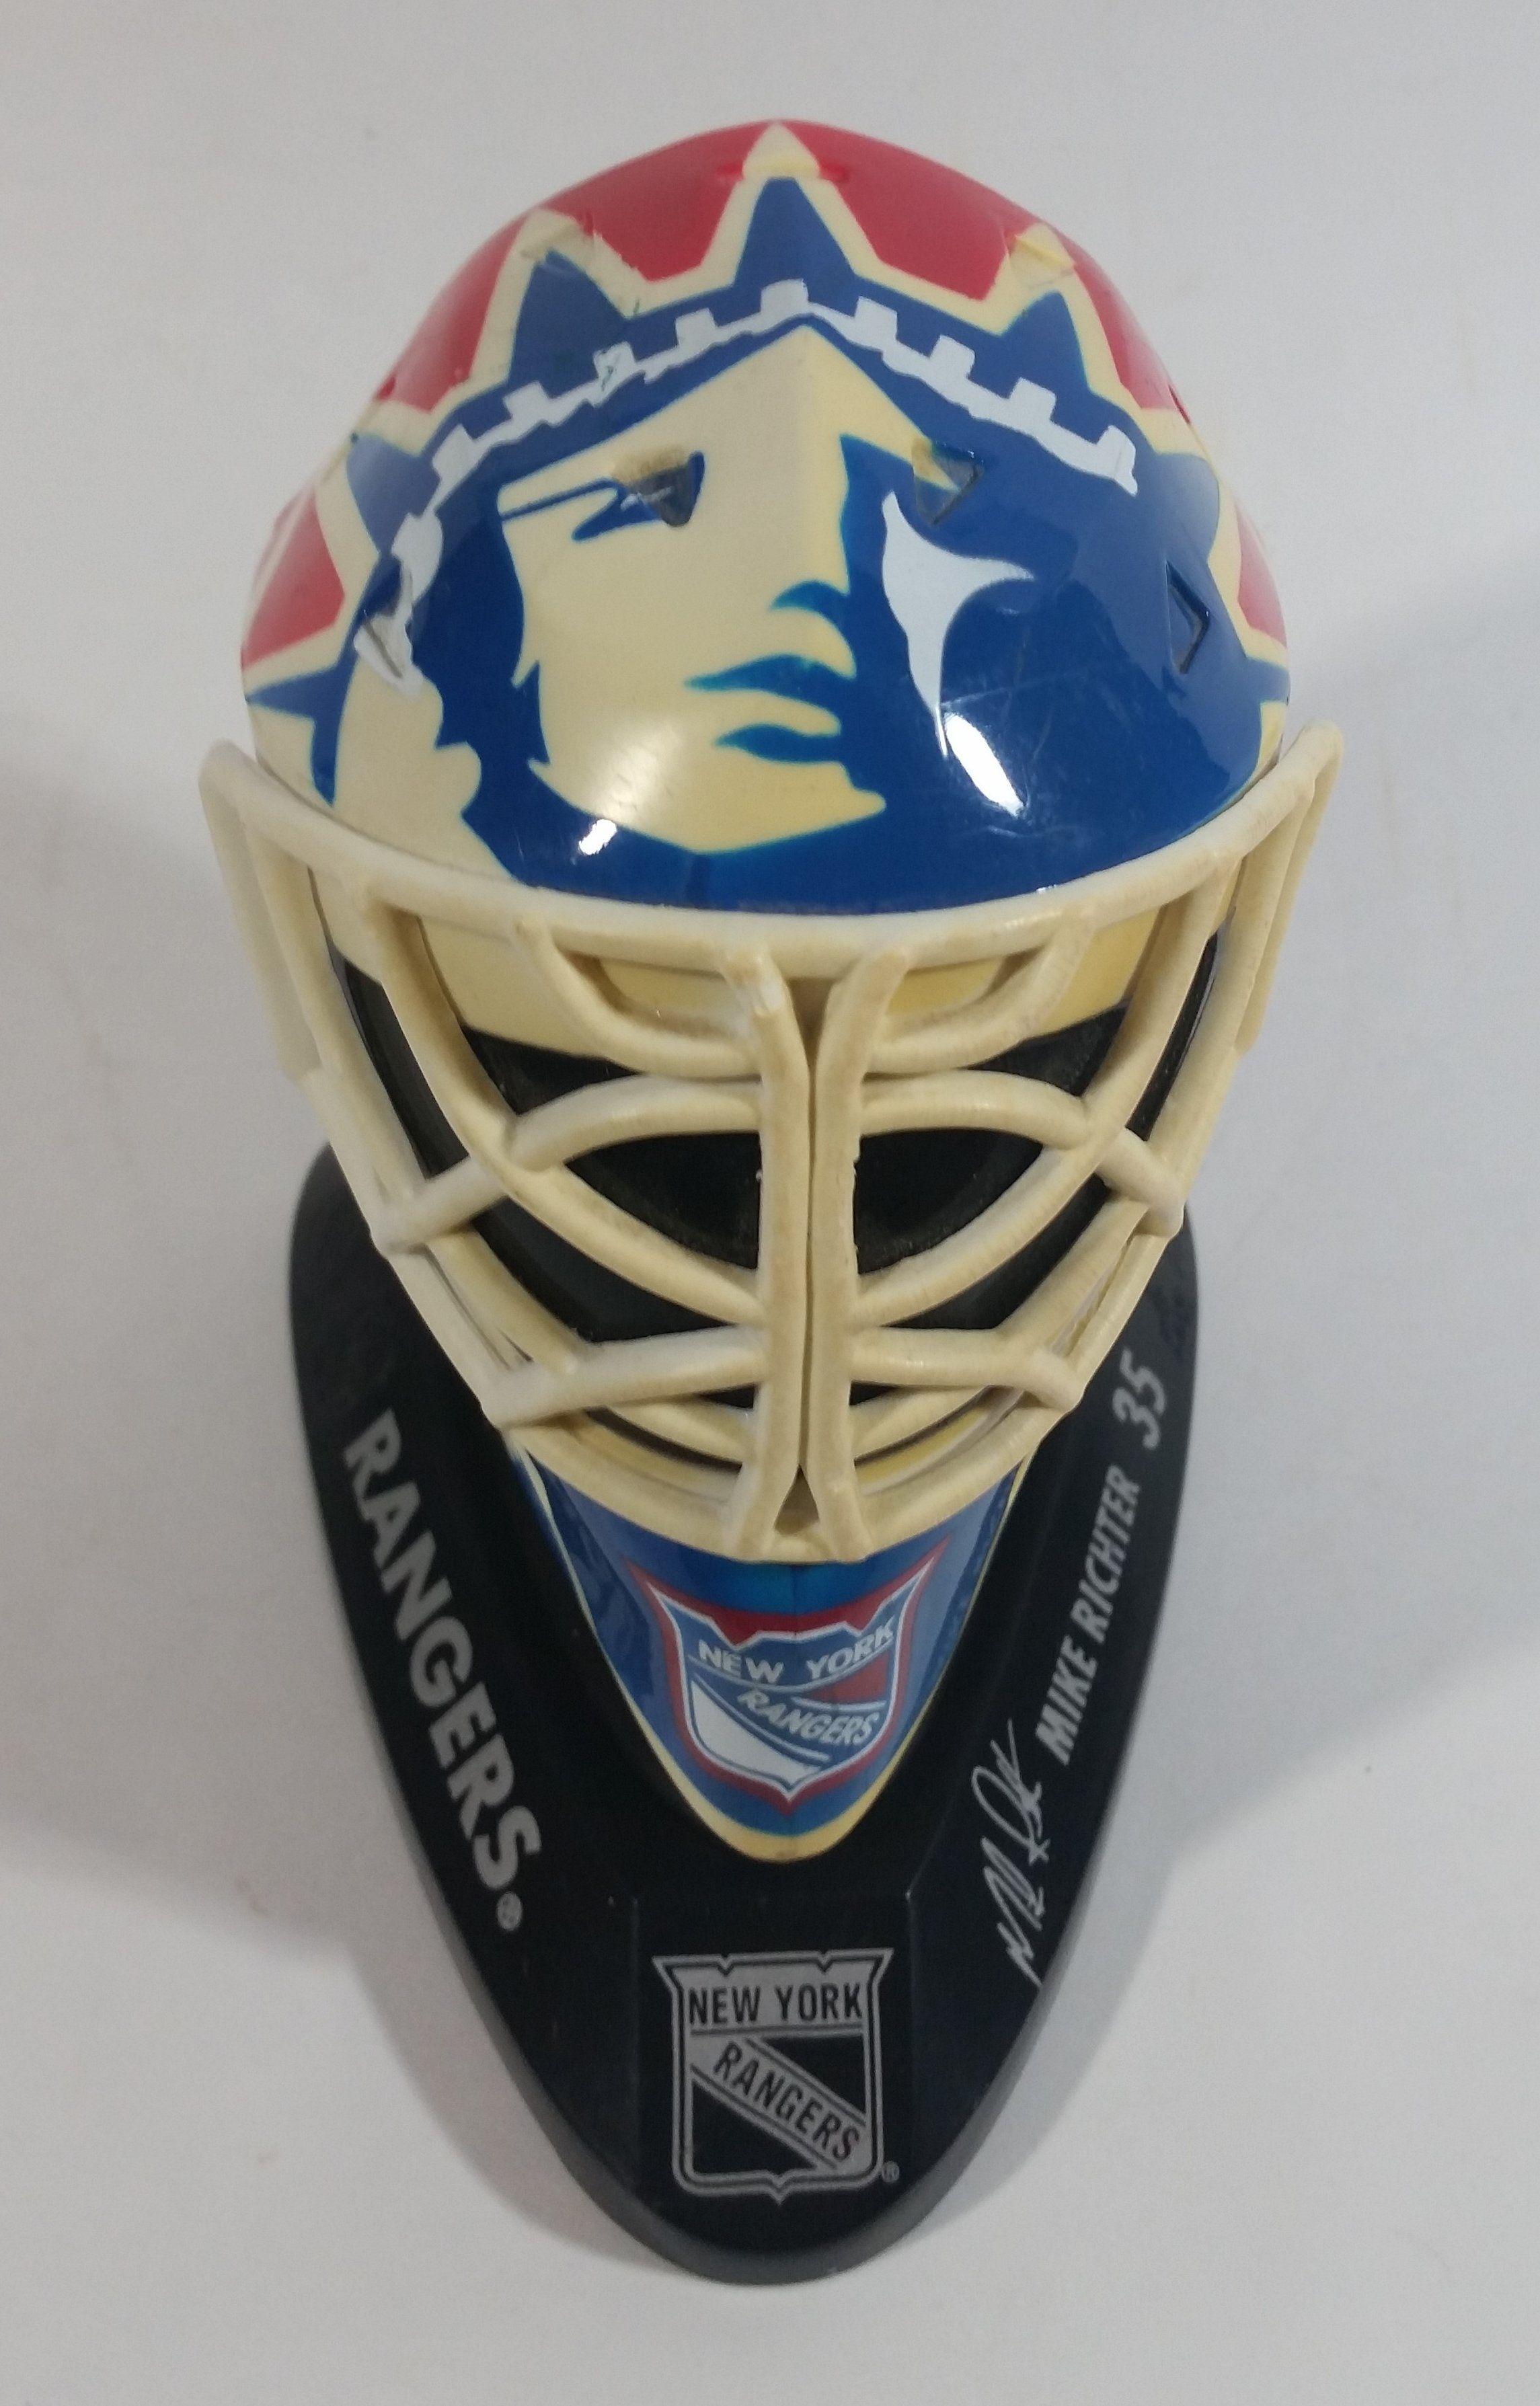 199697 McDonalds Mini Goalie Mask New York Rangers Mike